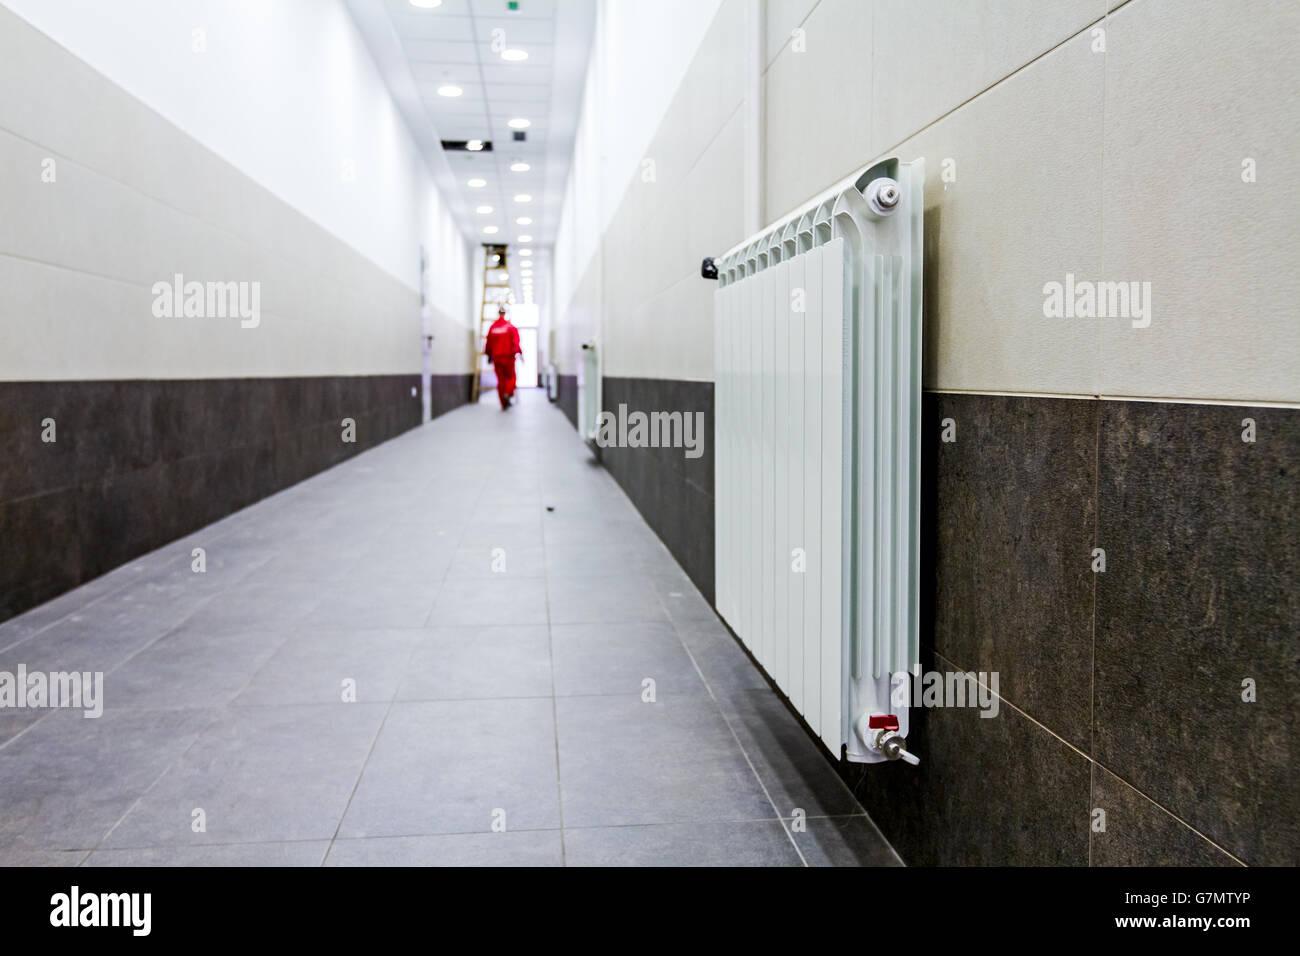 Corridoio Lungo Stretto : Radiatore bianco a lungo stretto corridoio con parete di piastrelle